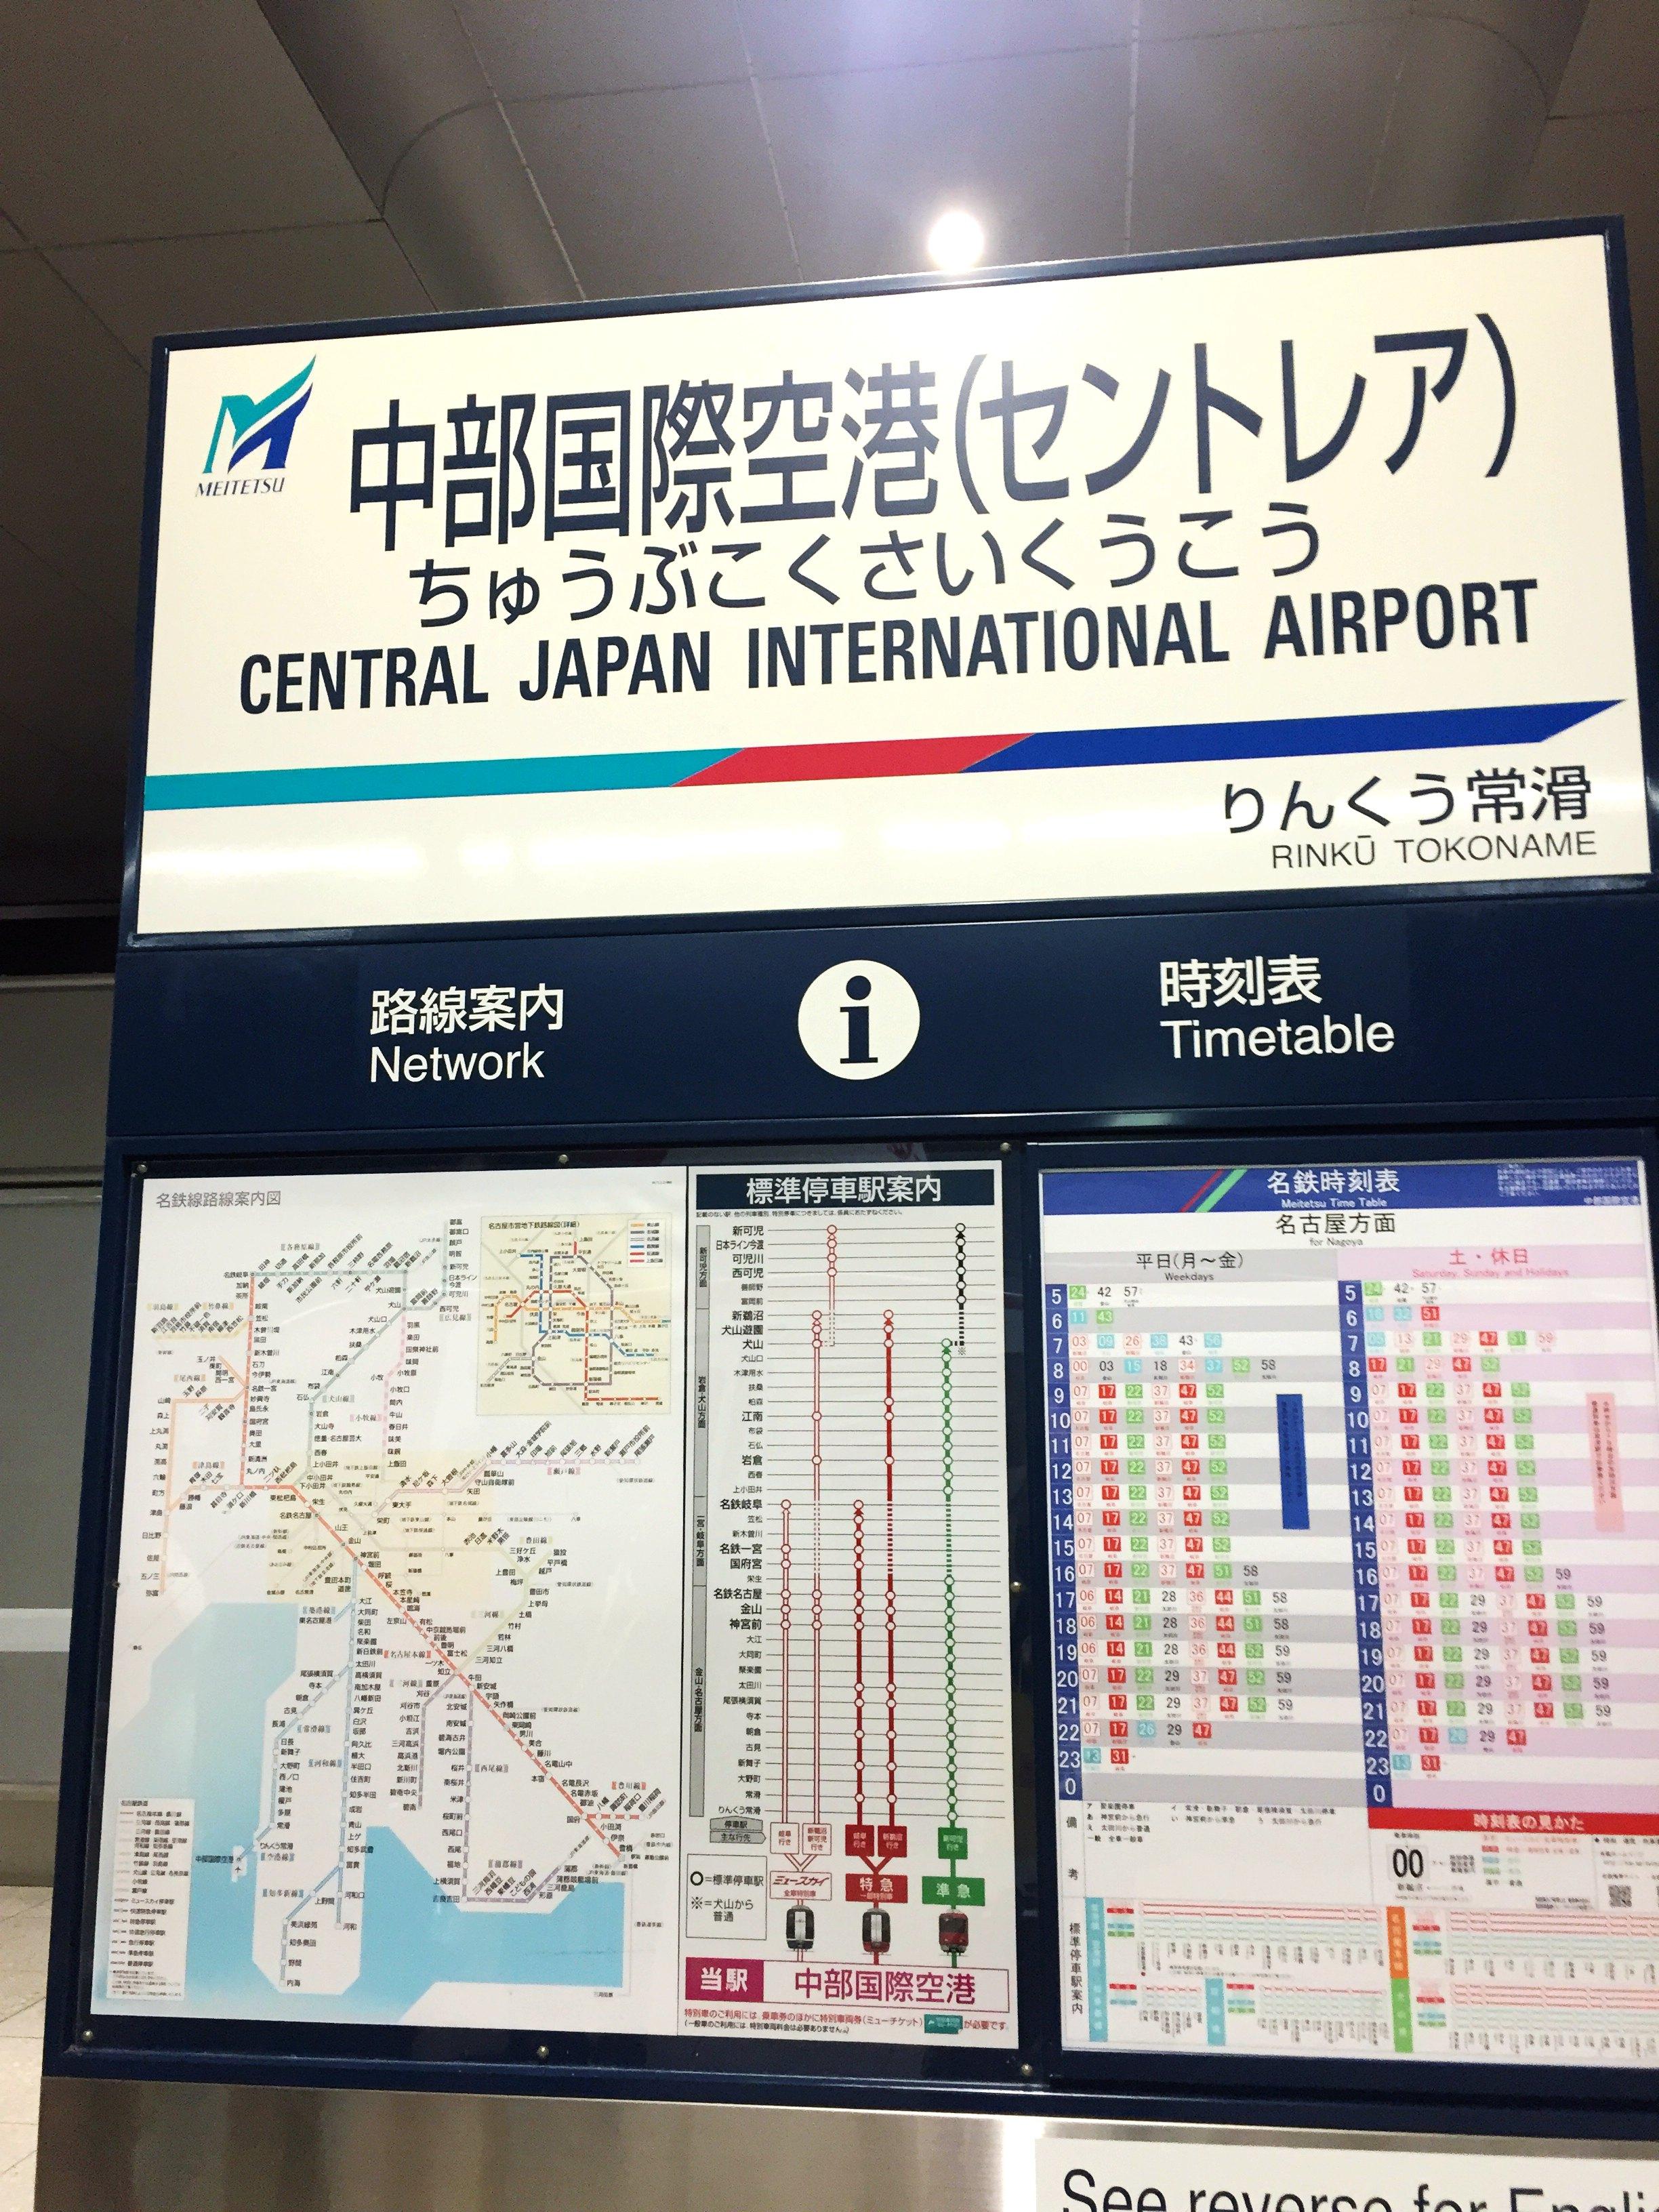 【携程攻略】名古屋中部国际机场怎麼样/怎麼去